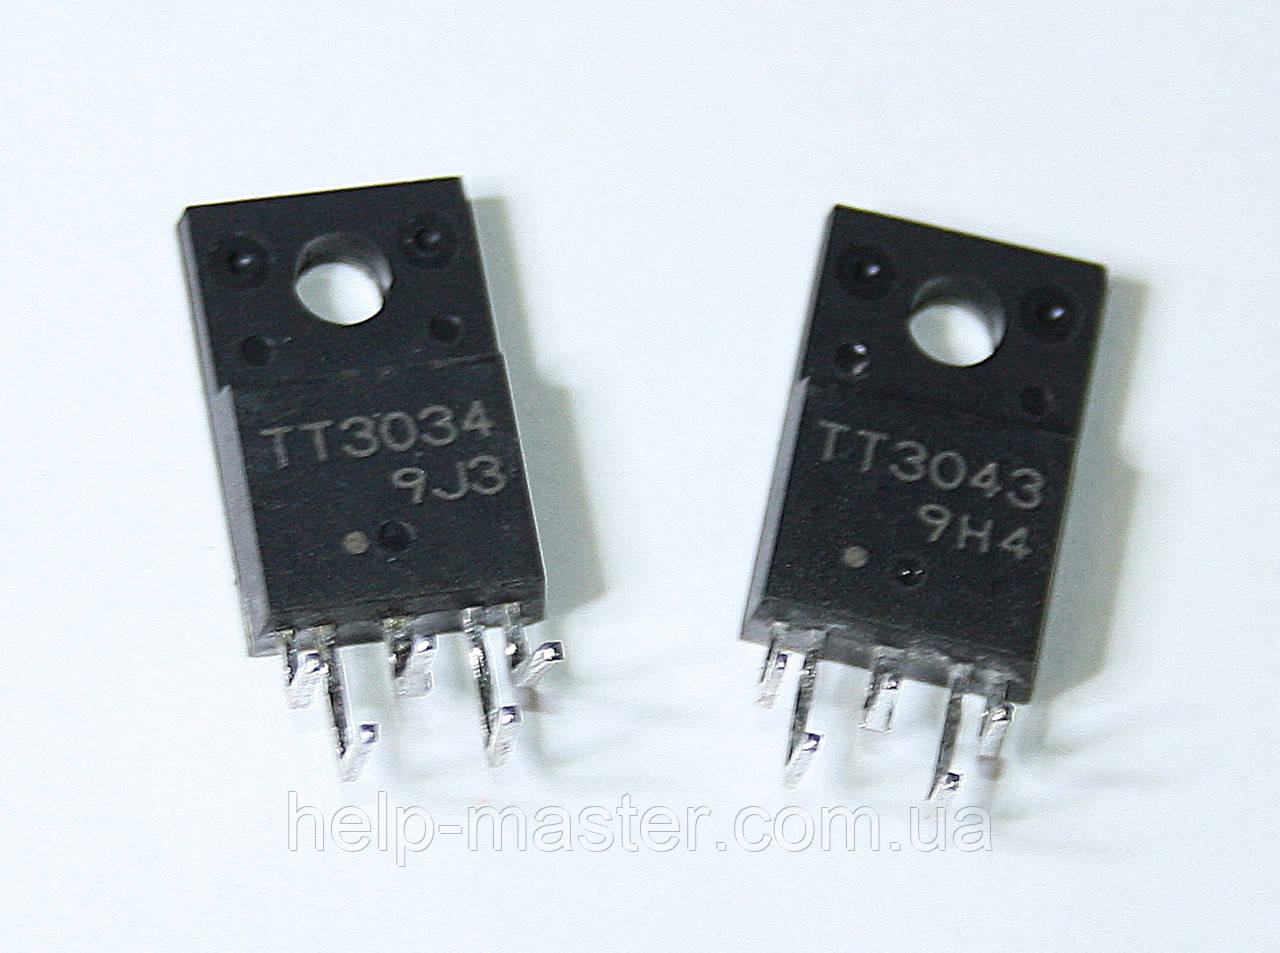 Транзистор TT3034/TT3043 (TO-220FP)